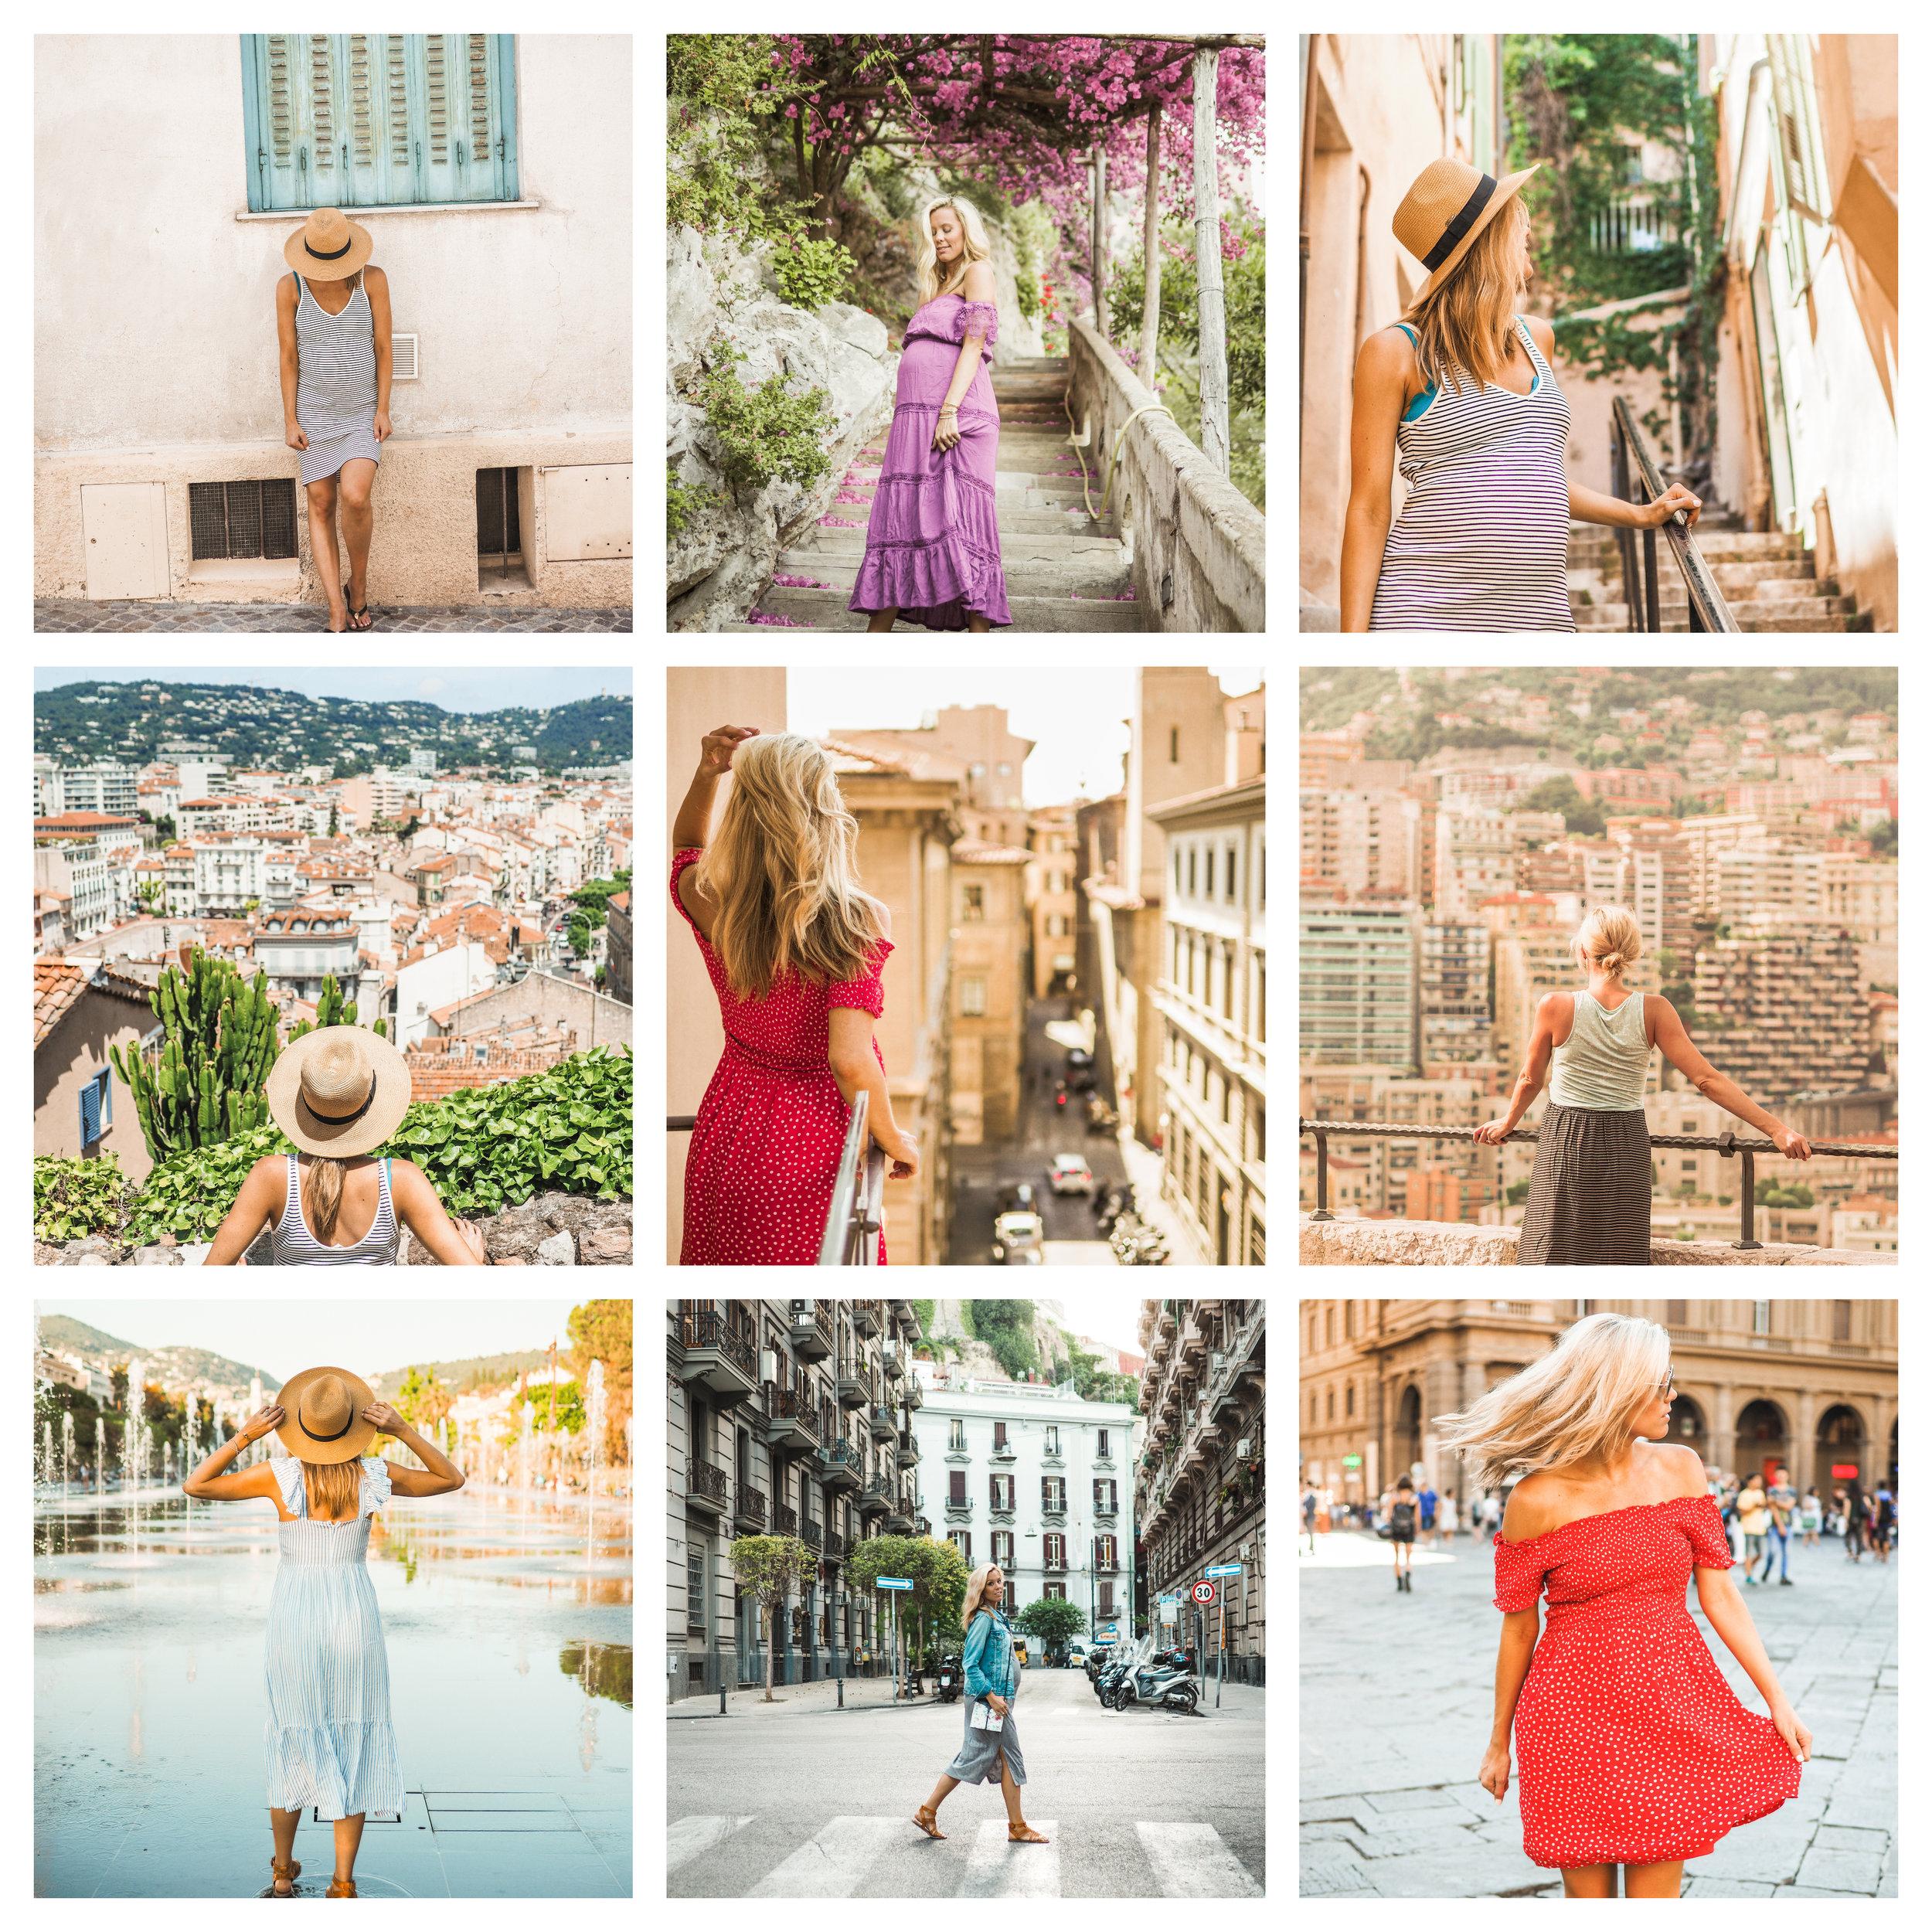 wanderlust collage.jpg